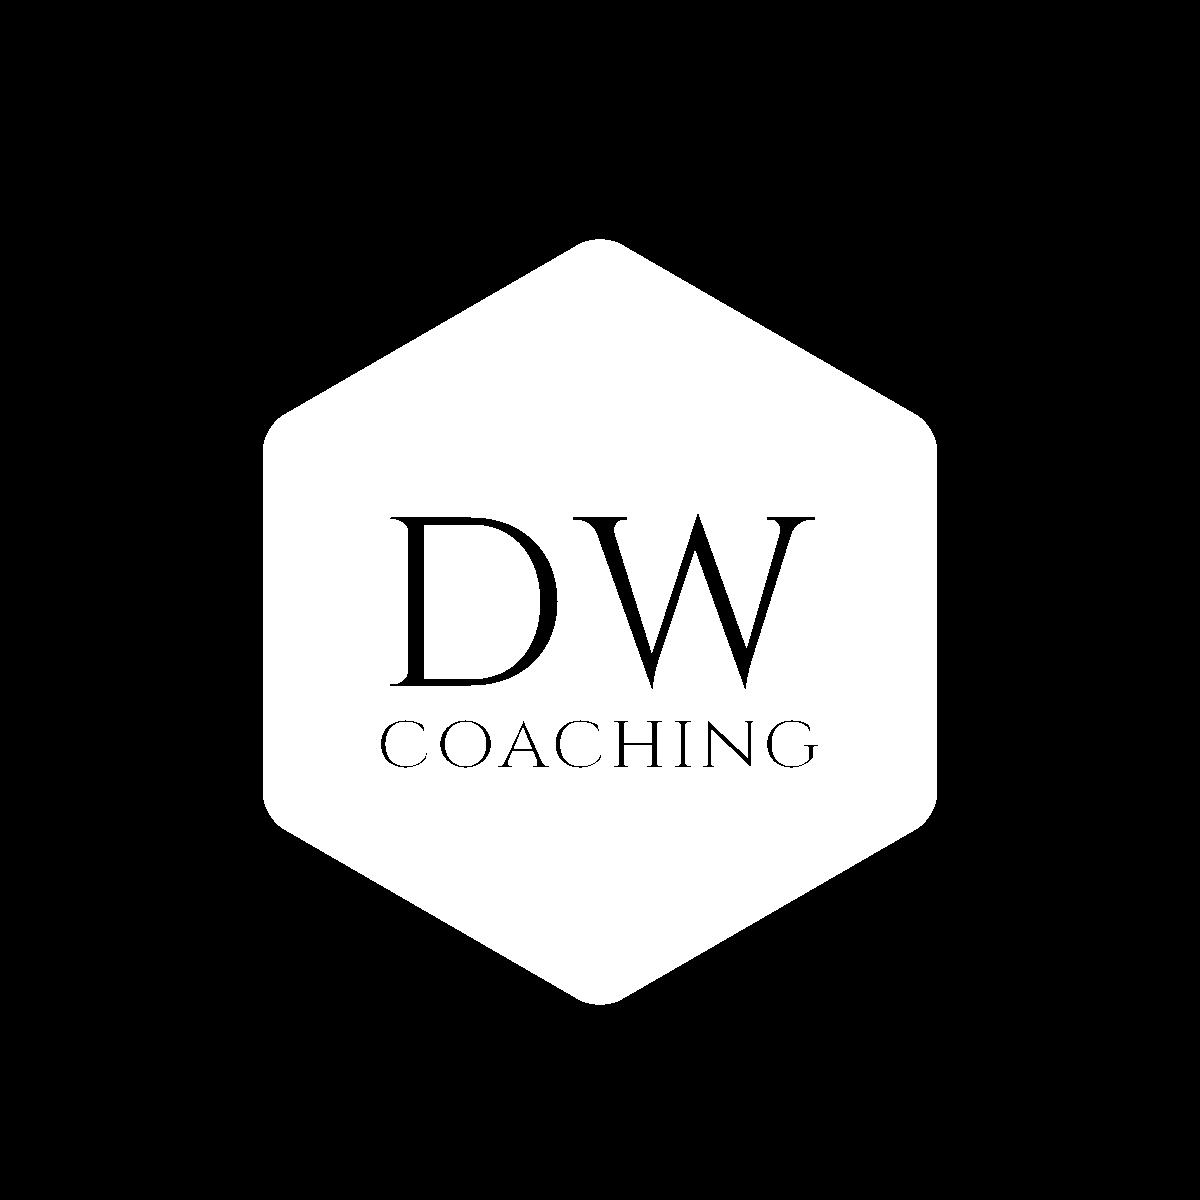 Daniel Weiss Coaching